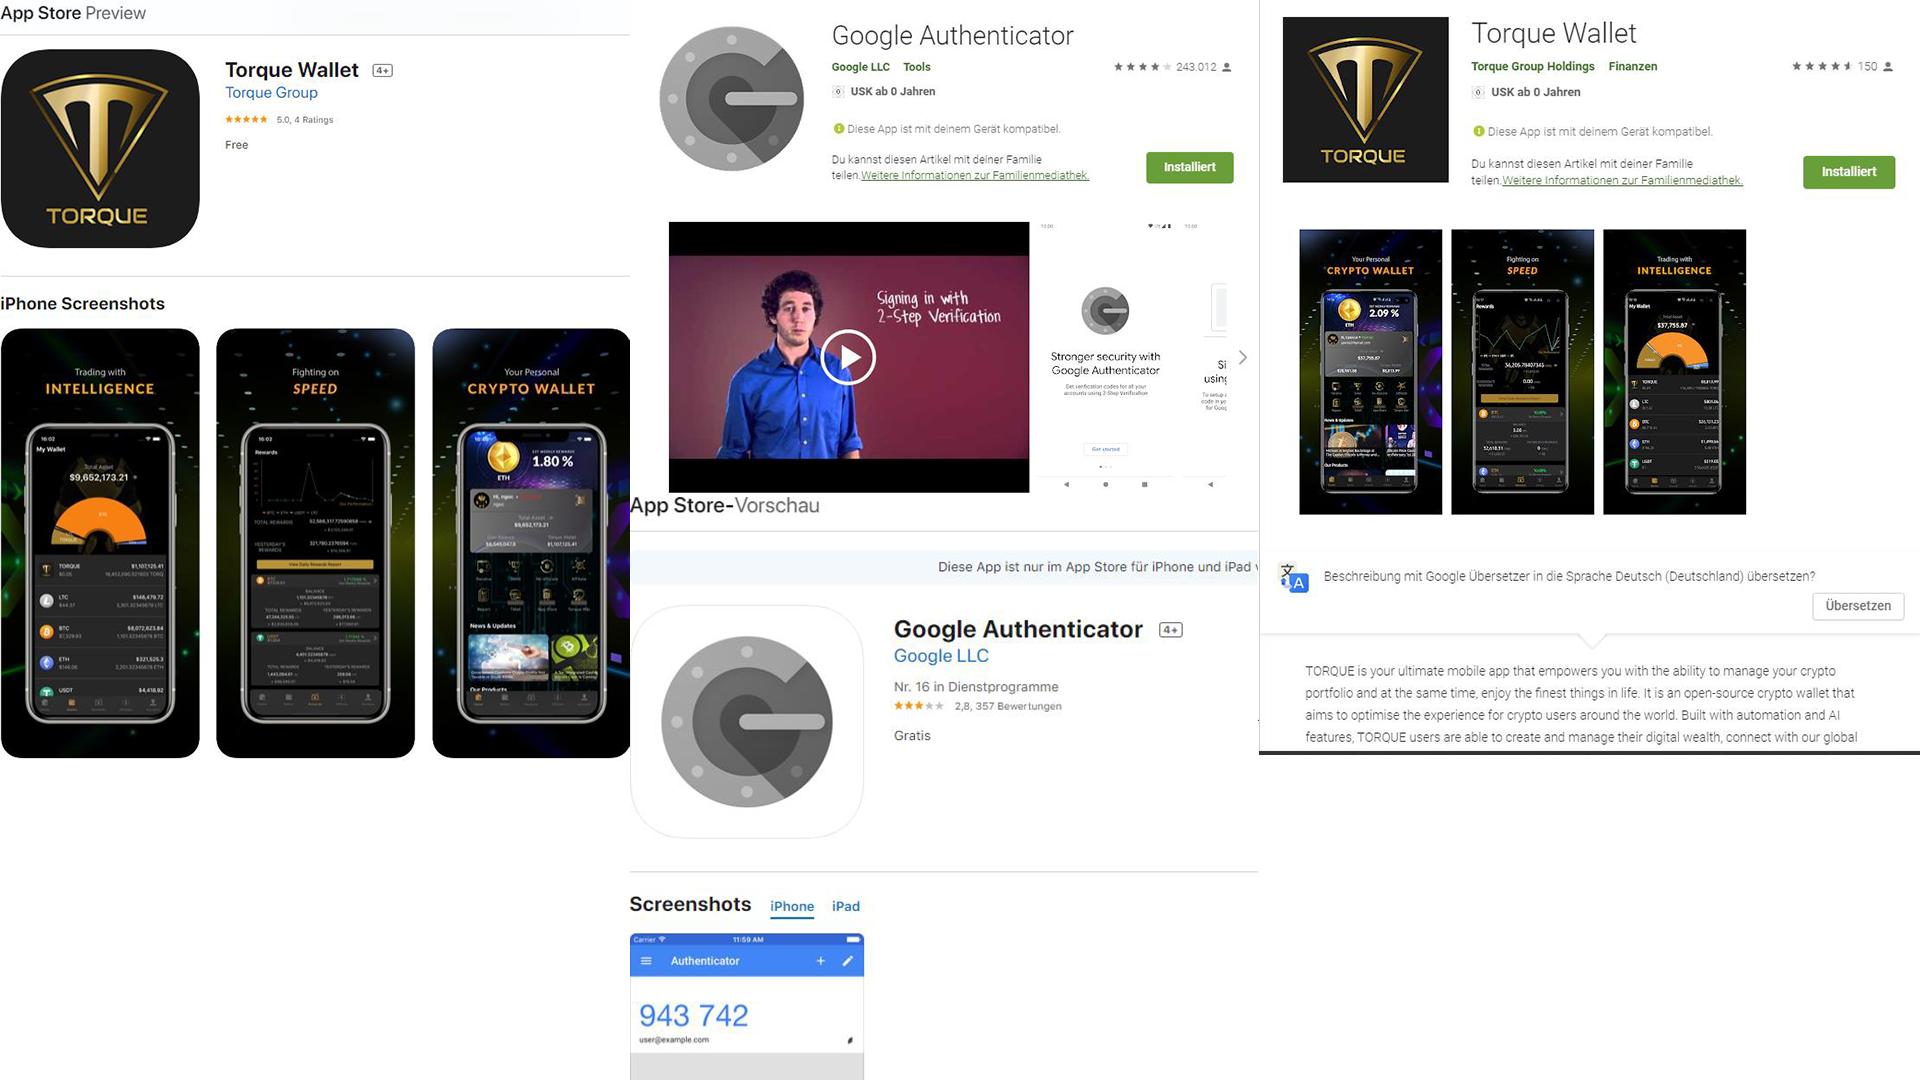 Torque Wallet Anmelden - Deutsche Schritt-für-Schritt Anleitung + Torque Wallet Referral Code - App